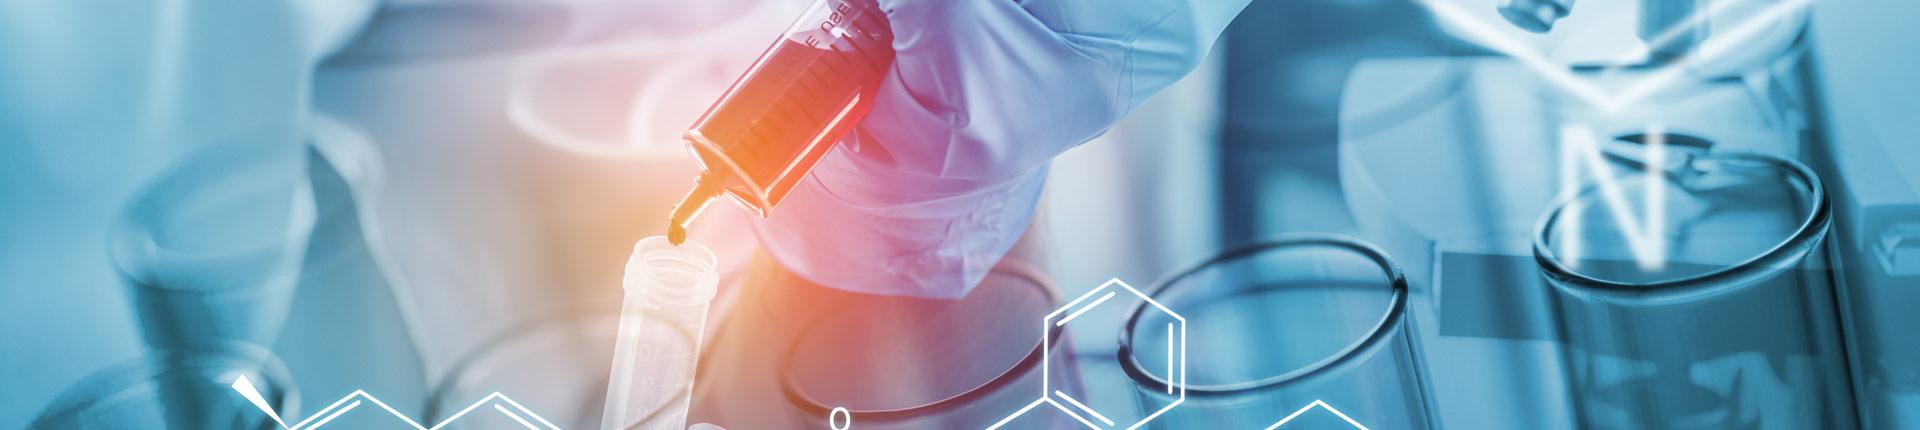 Nandrolone poprawia metabolizm glukozy